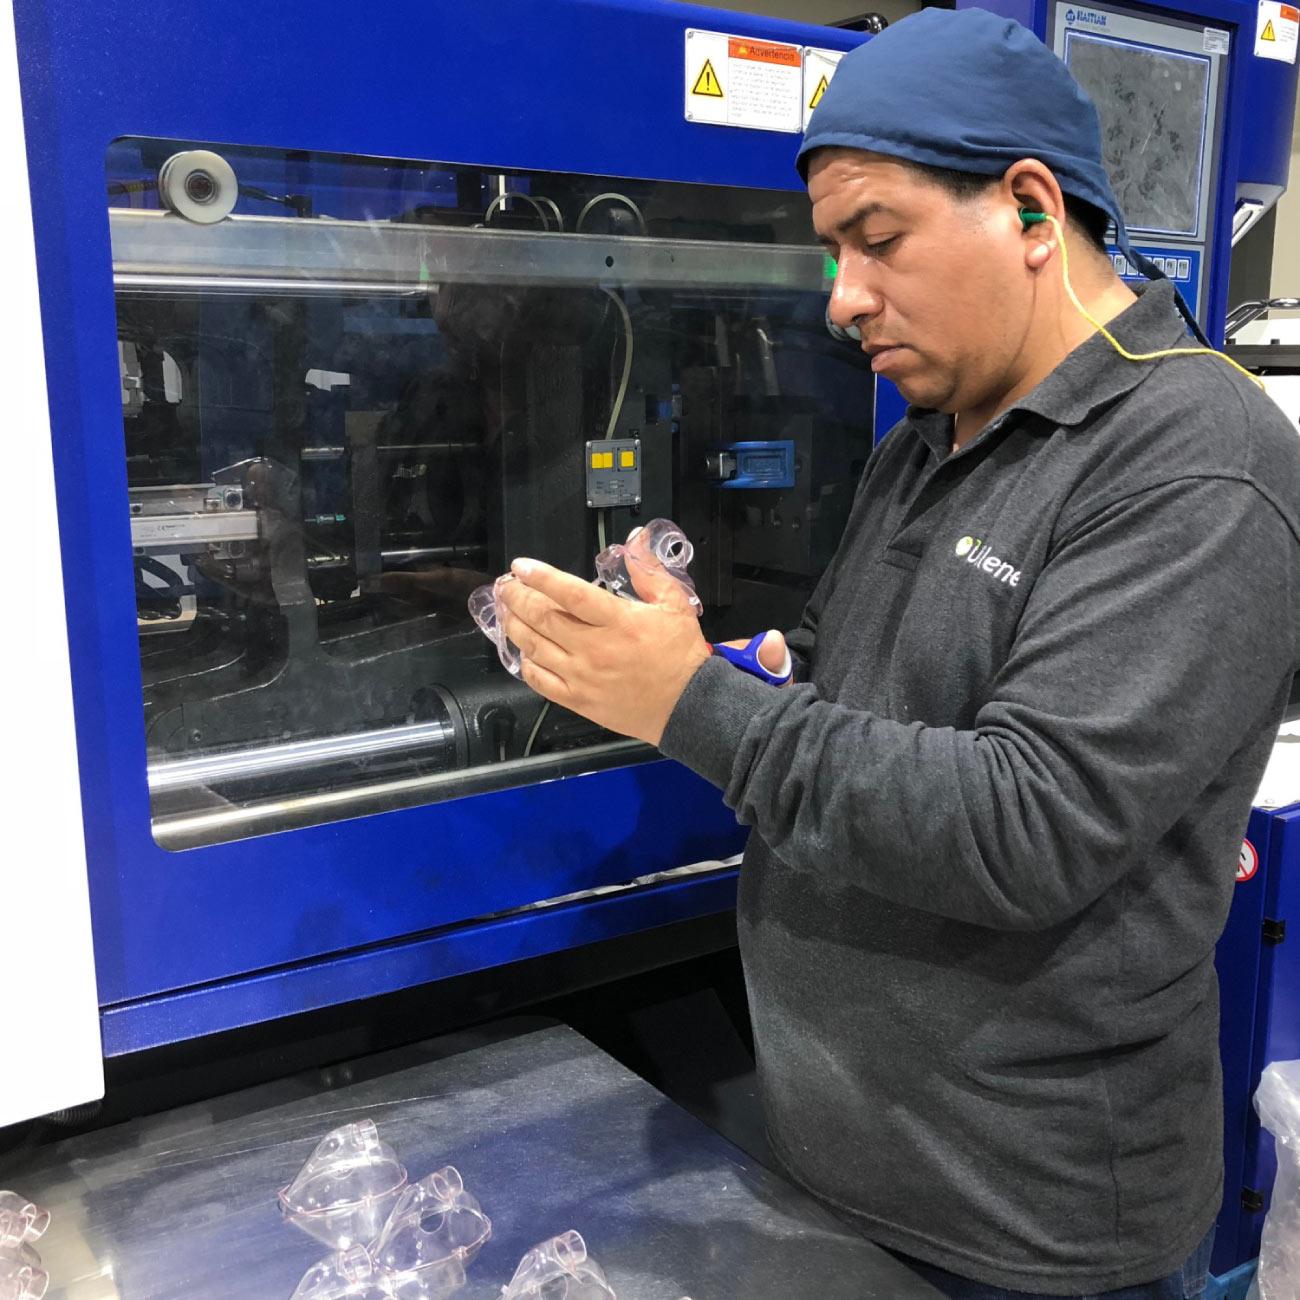 Servicio de inyección de plásticos lima perú. Moldeado de plástico en lima perú